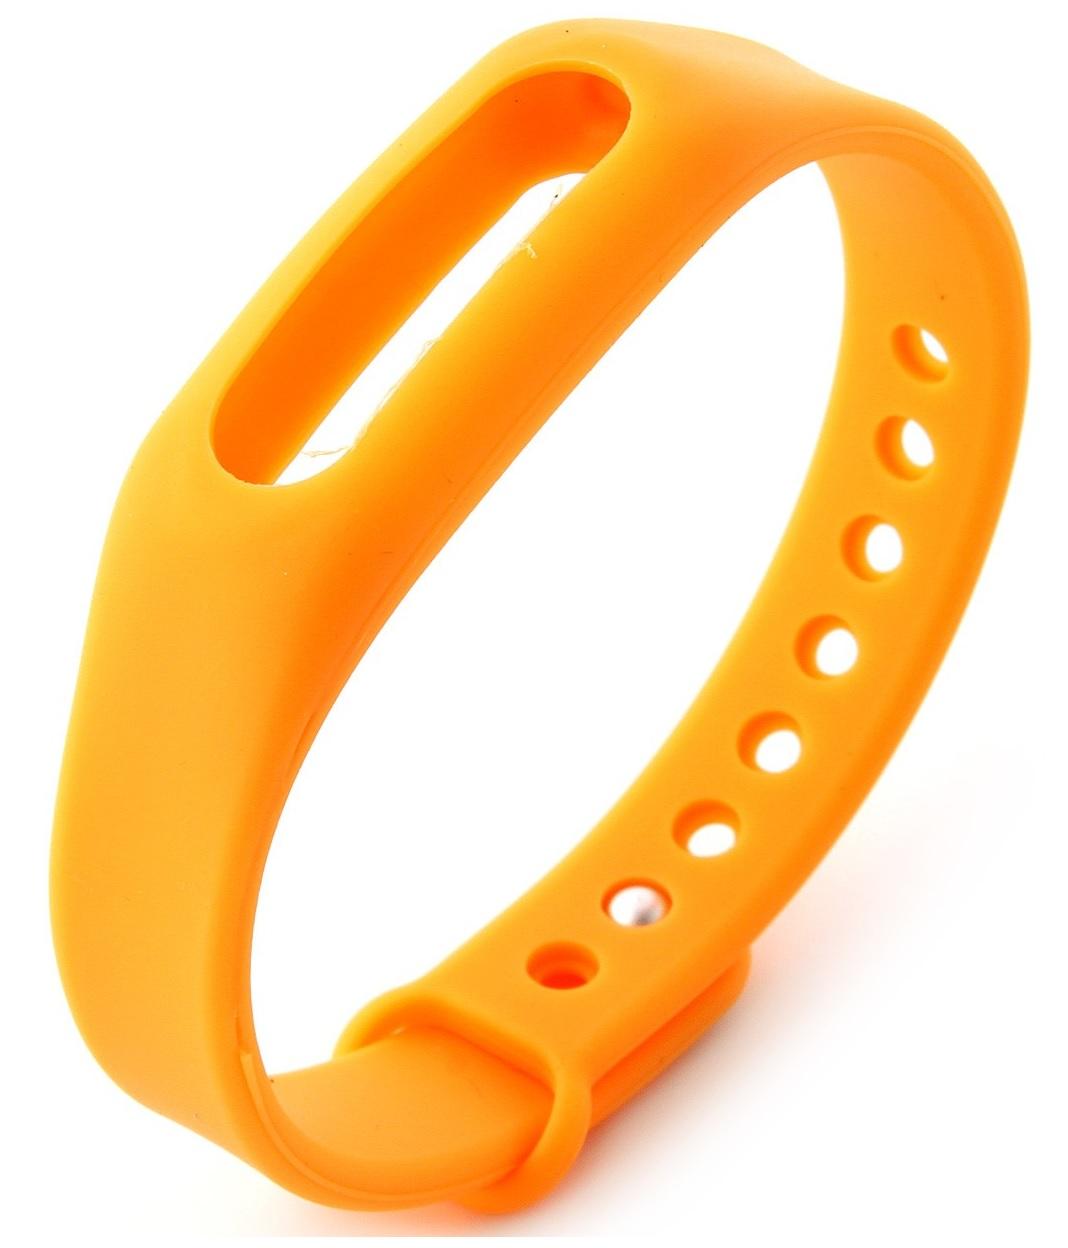 Сменный ремешок Original Replacement Xiaomi Wrist Band для Mi Band/Mi Band 1S (Orange)